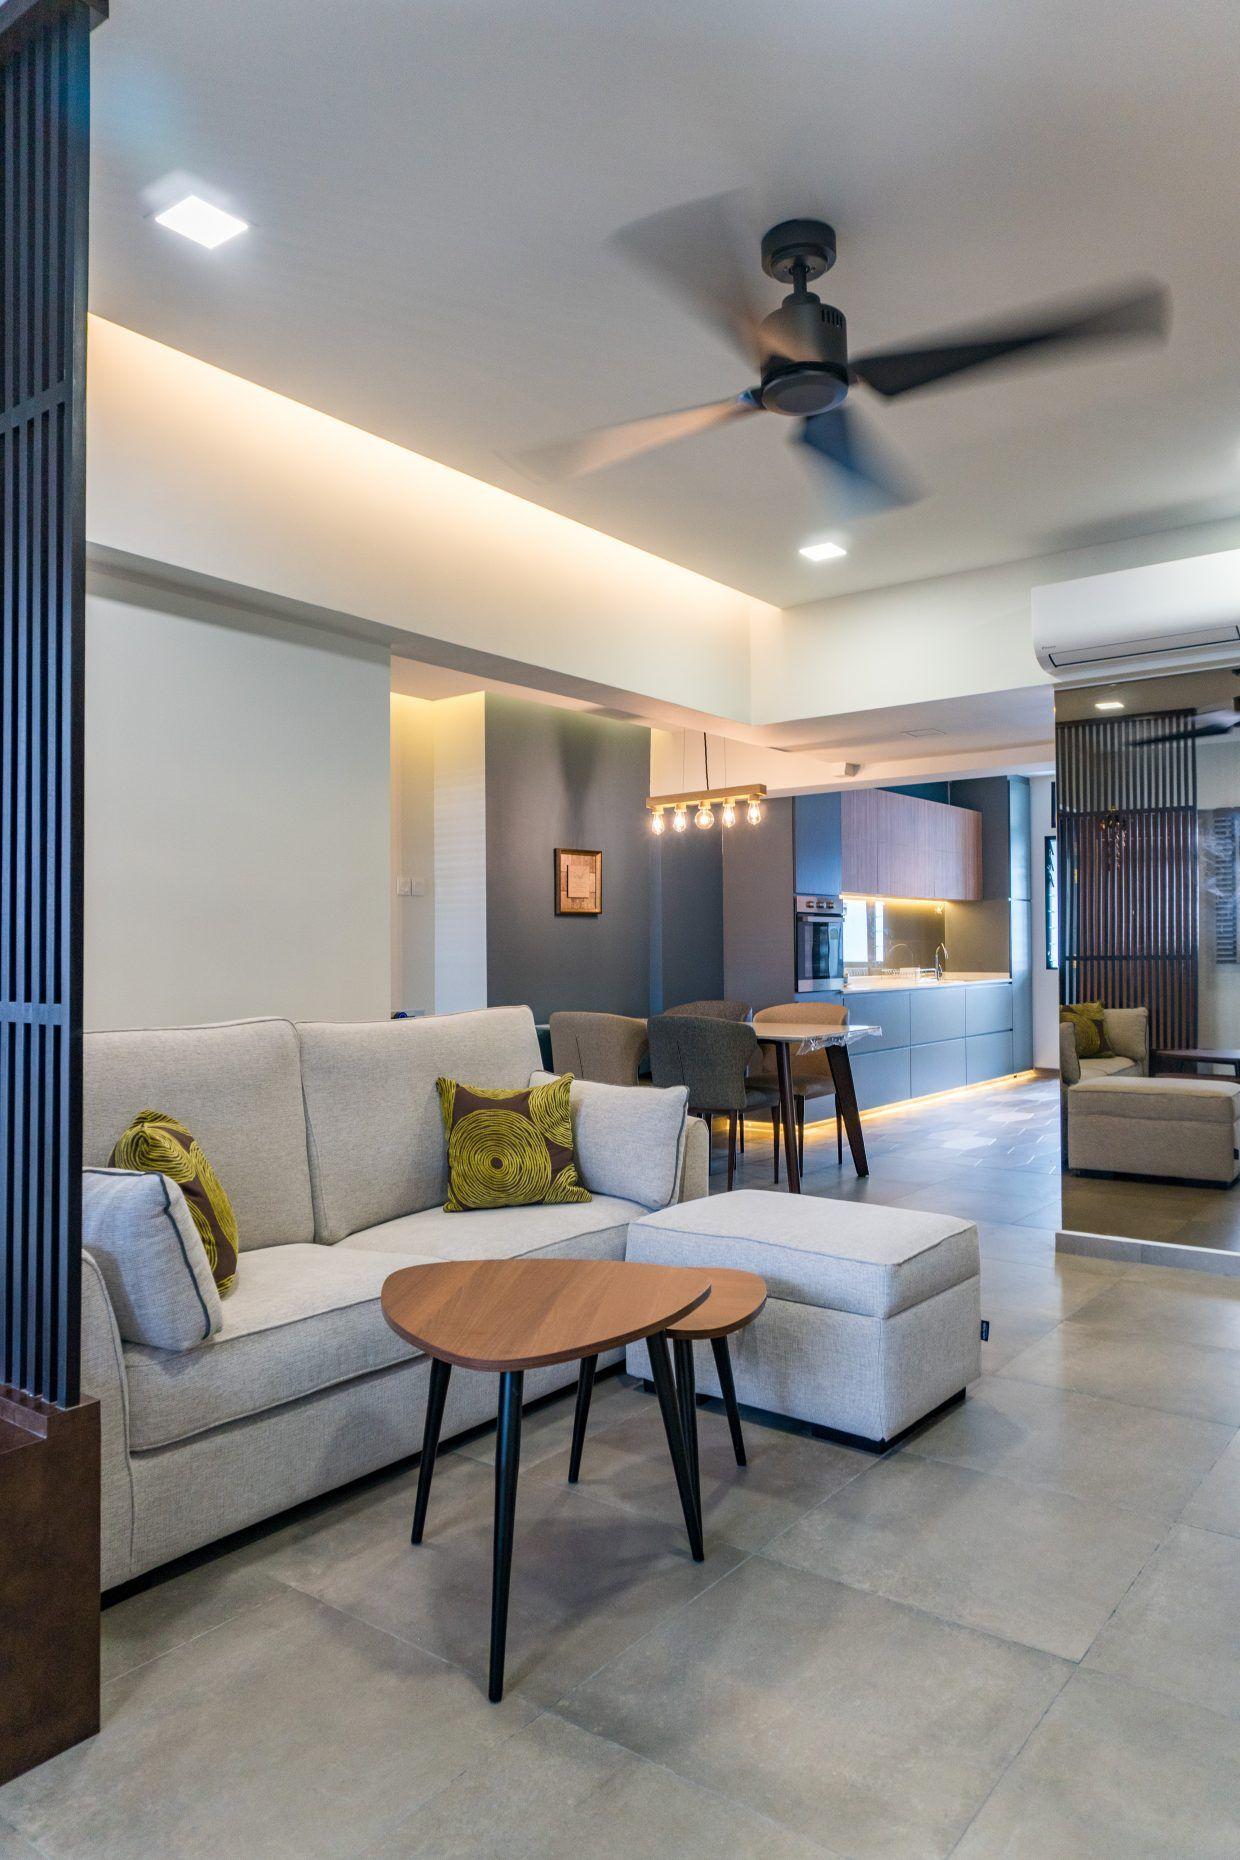 3 Room Hdb Interior Design Ideas: Room, Living Room Designs